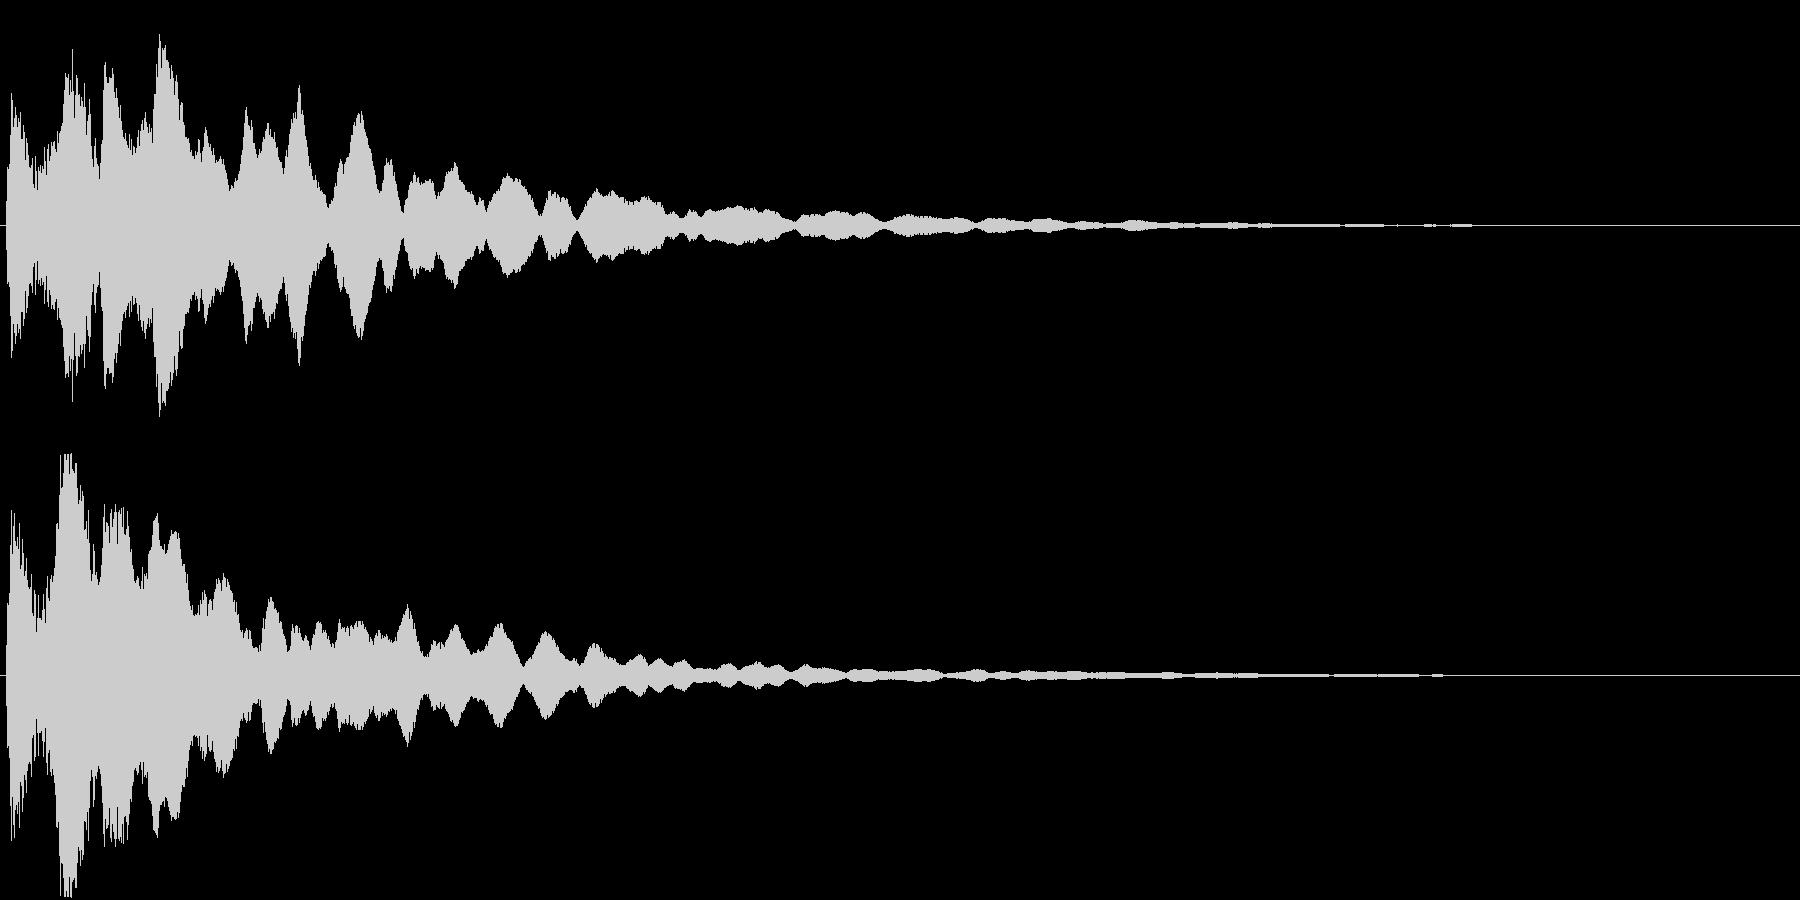 ピコン(ゲーム・アプリ等の決定音)の未再生の波形